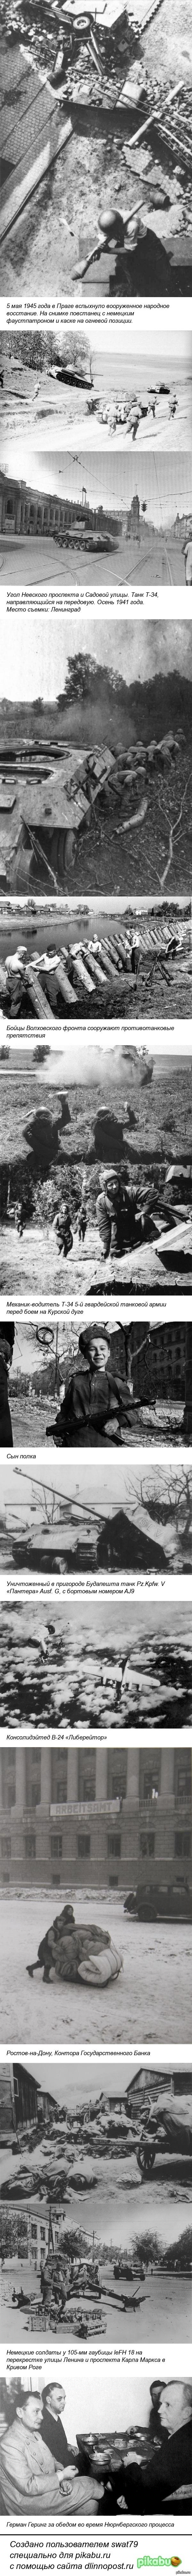 Фото Второй Мировой войны 32 для подписчиков часть 32 (с описанием)